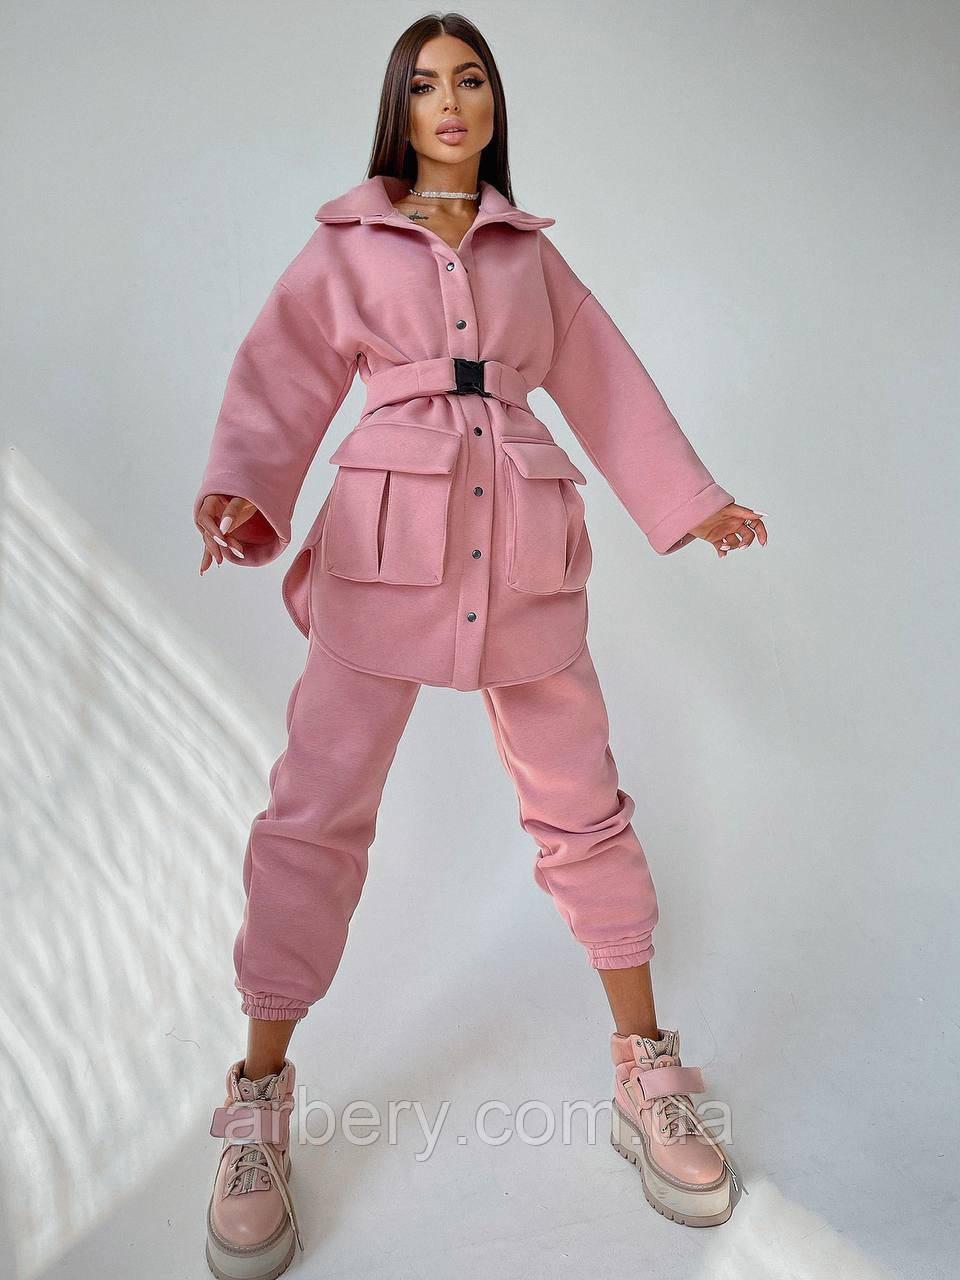 Шикарный теплый костюм рубашка и джогеры